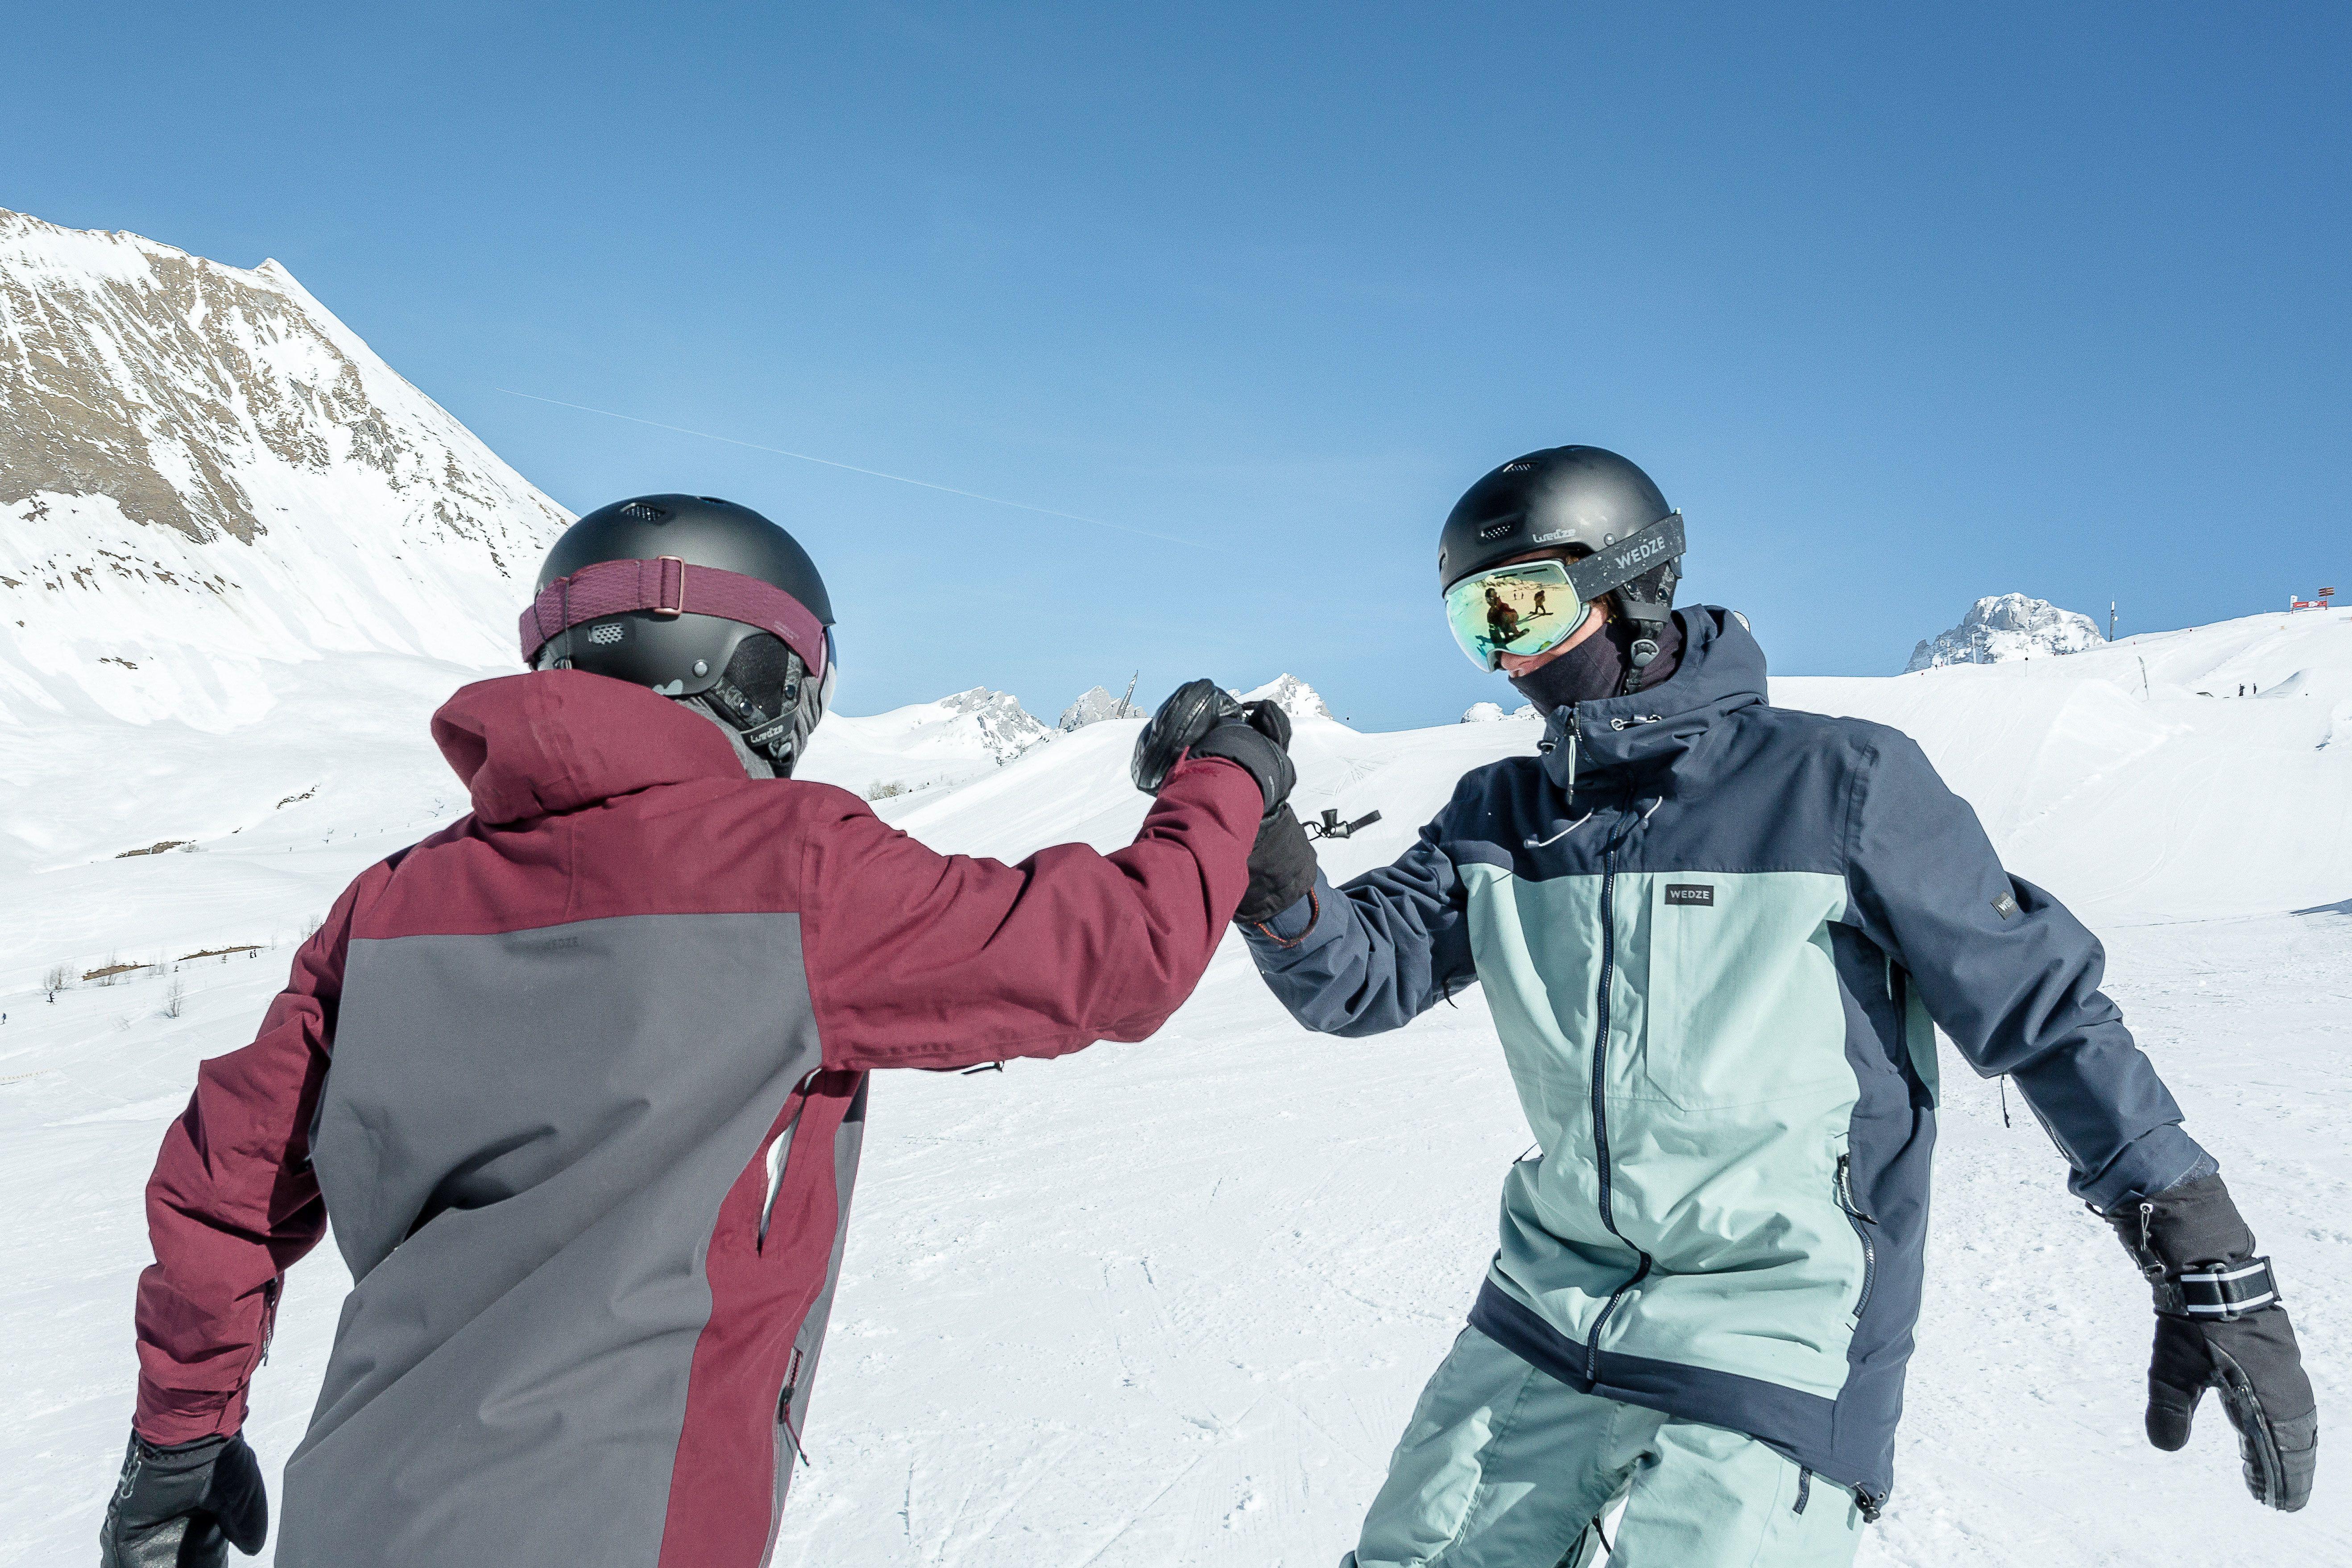 Maak je wintersportoutfit compleet!